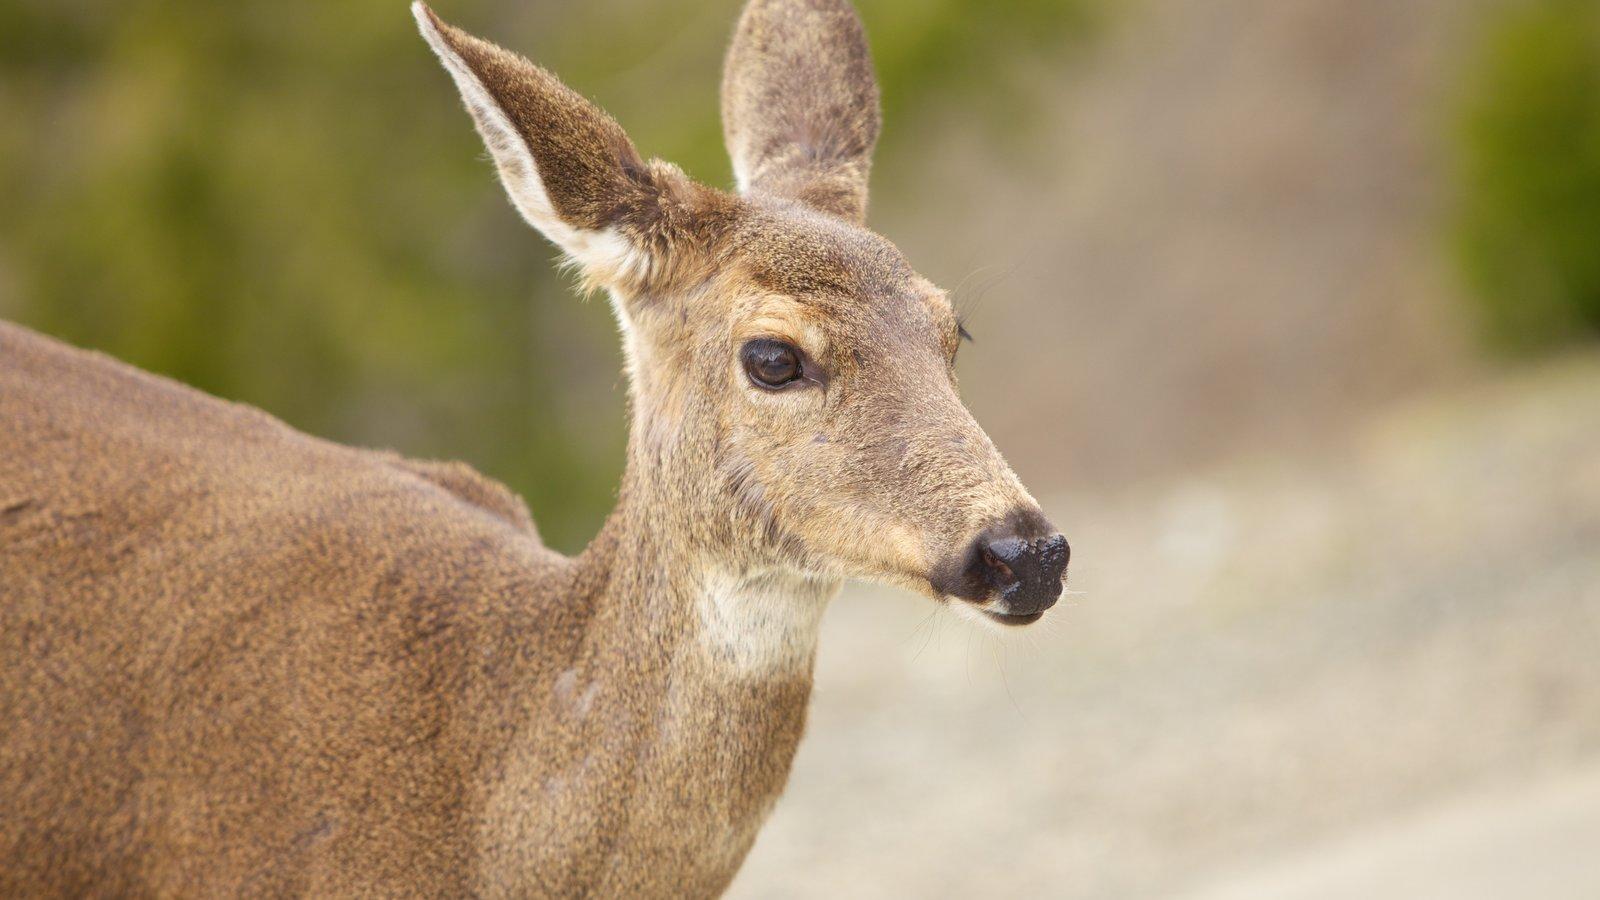 Olympic National Park caracterizando animais de zoológico e animais fofos ou amigáveis